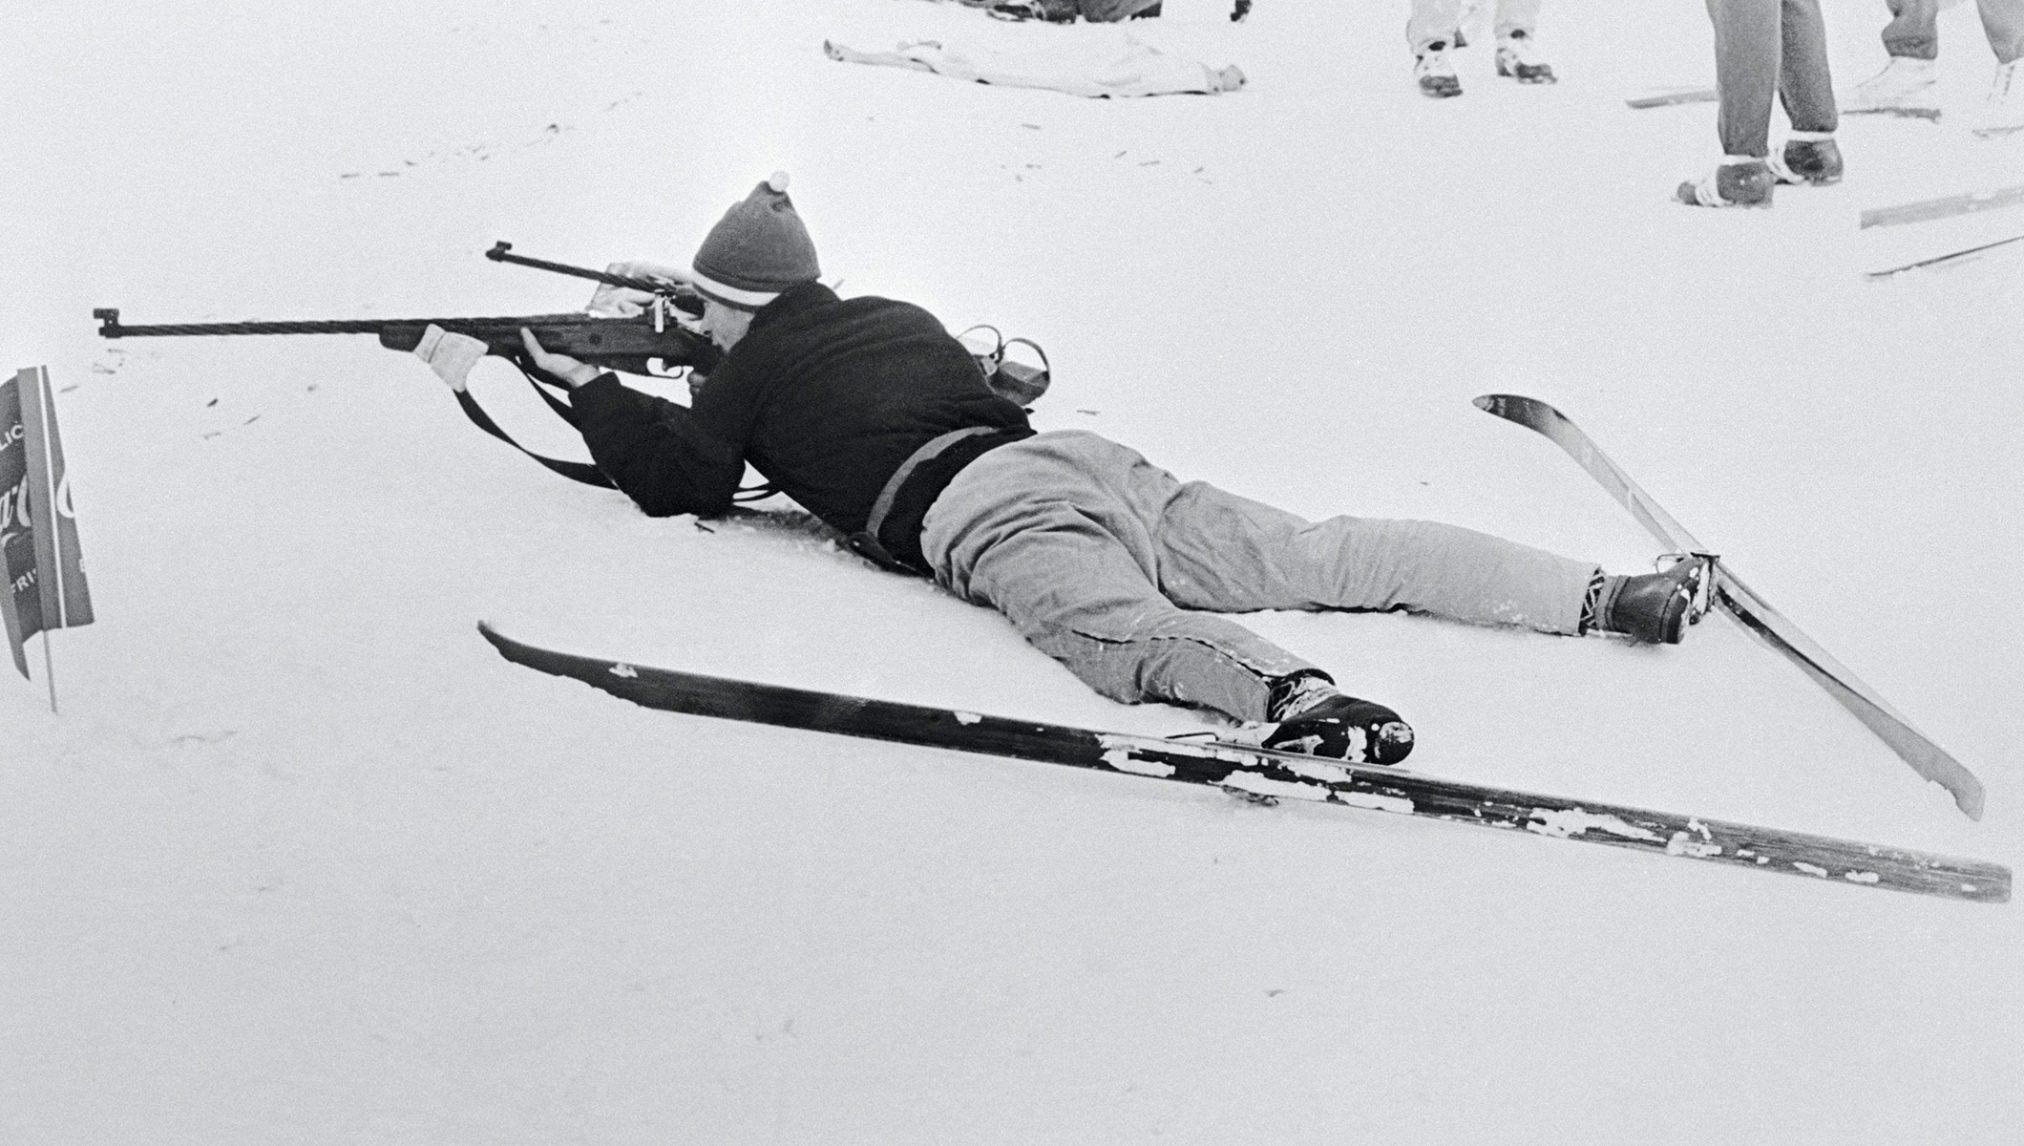 Первый чемпионат по биатлону в рамках Олимпийских игр 1960 года